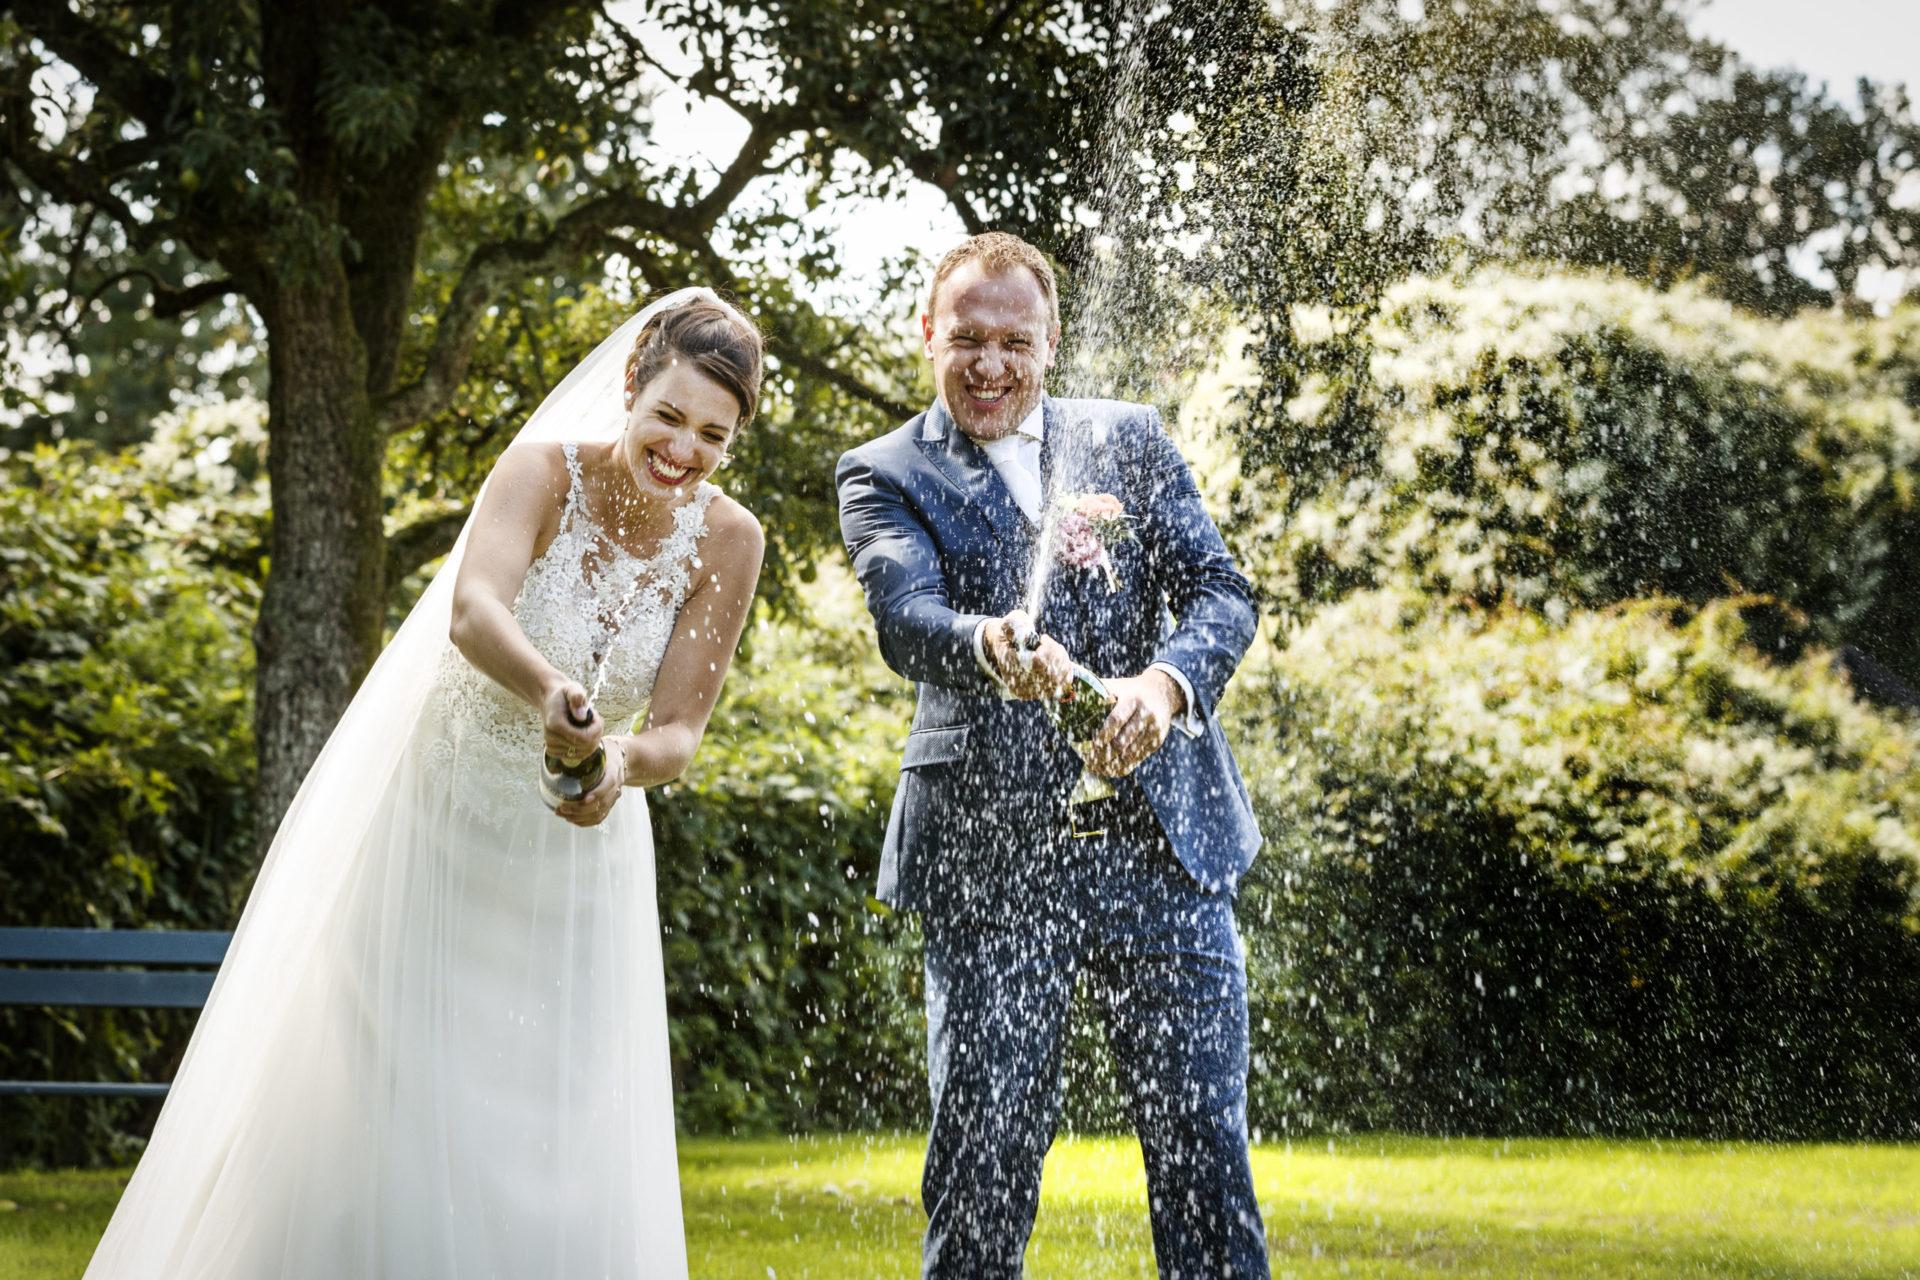 weddingdeal in kasteel woerdne trouwen in een romantisch kasteel met park en slotgracht ceremonie feest toost en taart regio utrechht rotterdam alphen gouda